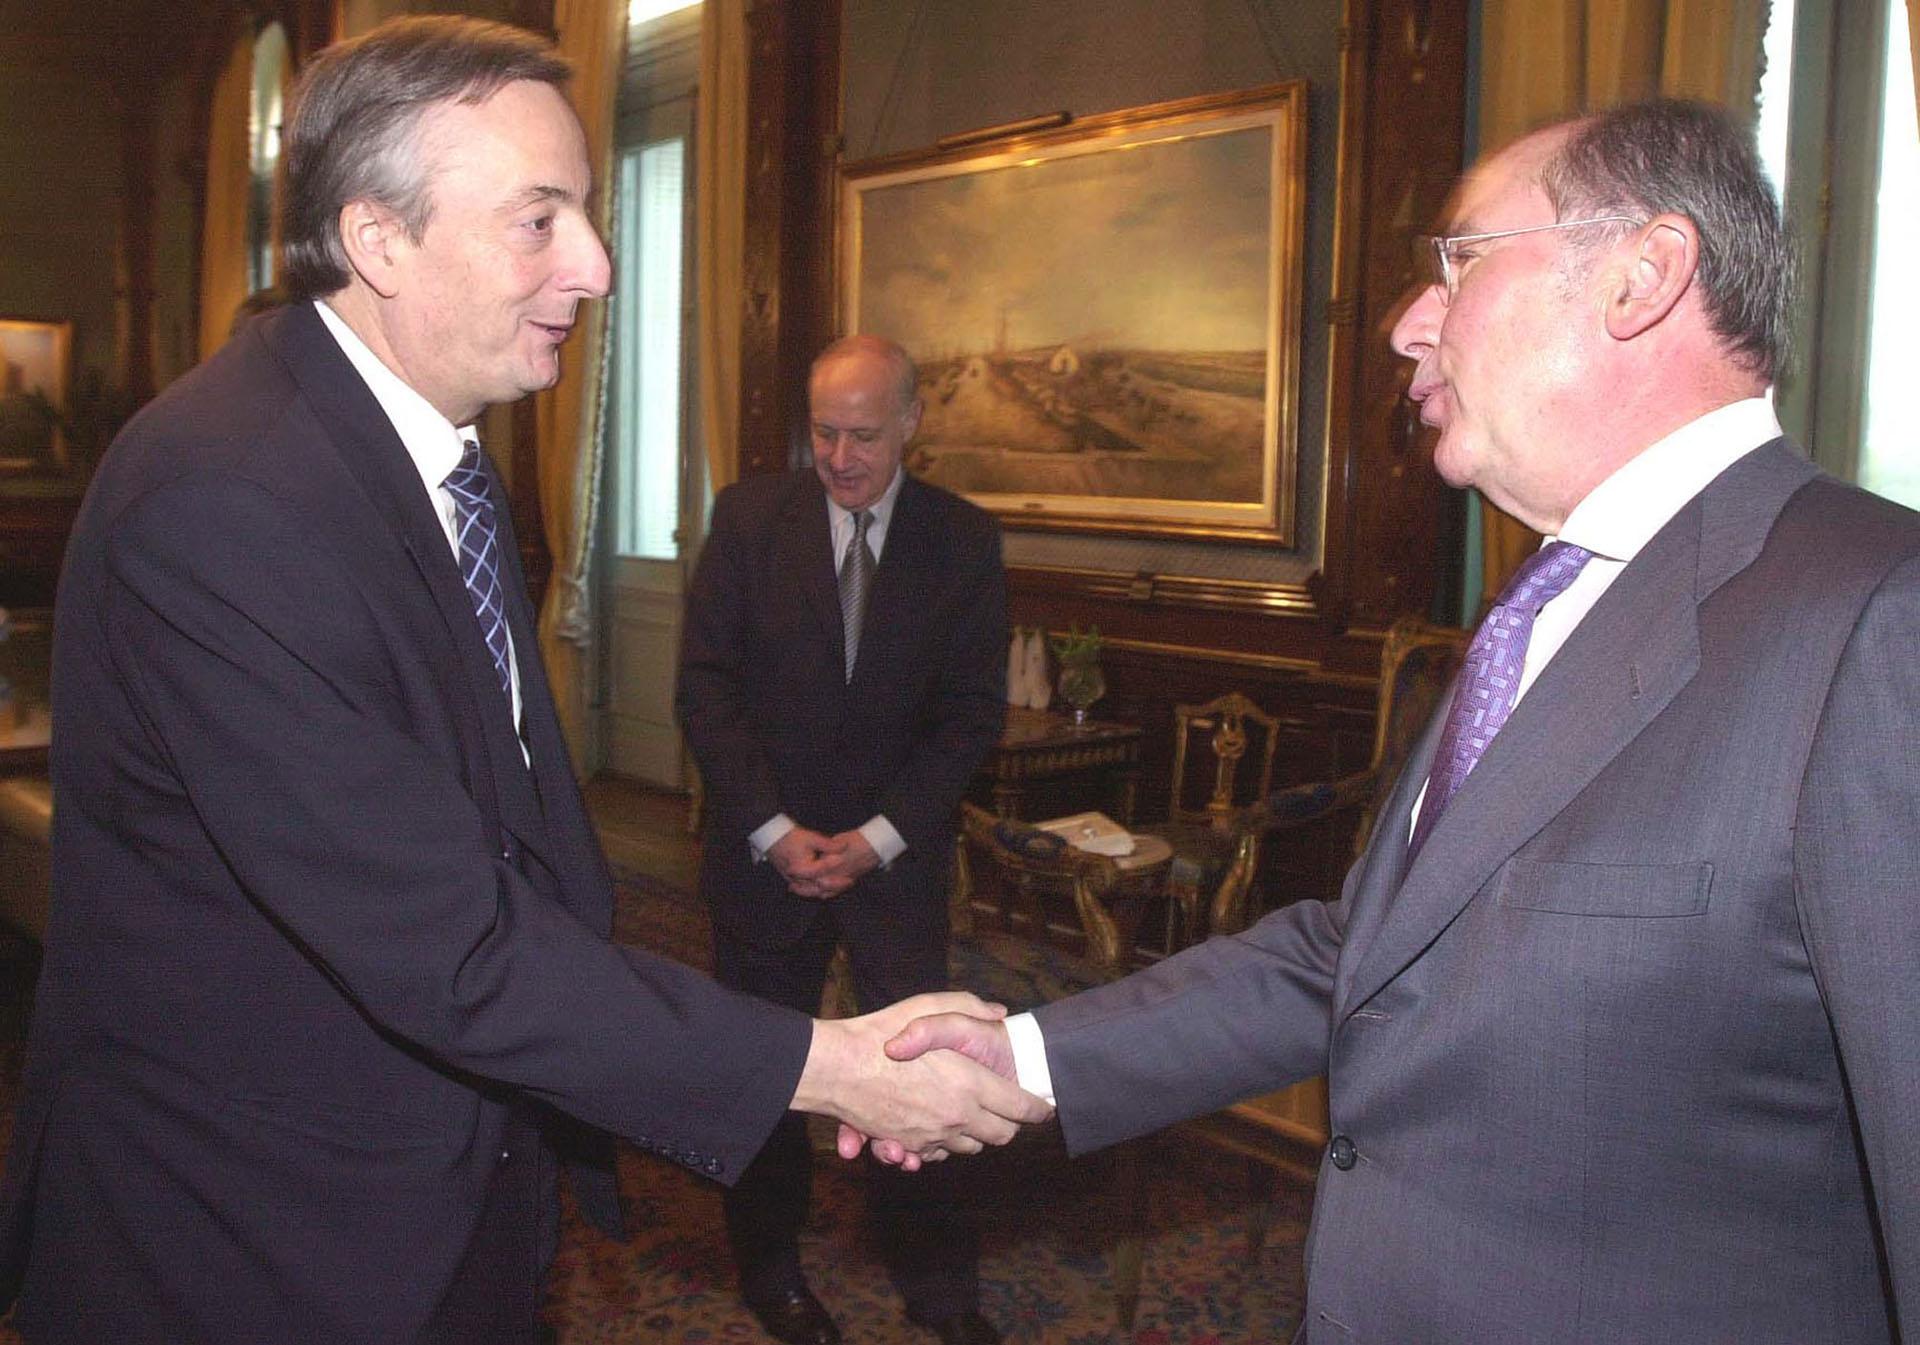 El presidente Néstor Kirchner saluda al Director Gerente del Fondo Monetario Internacional, Rodrigo de Rato, en su despacho de Casa de Gobierno